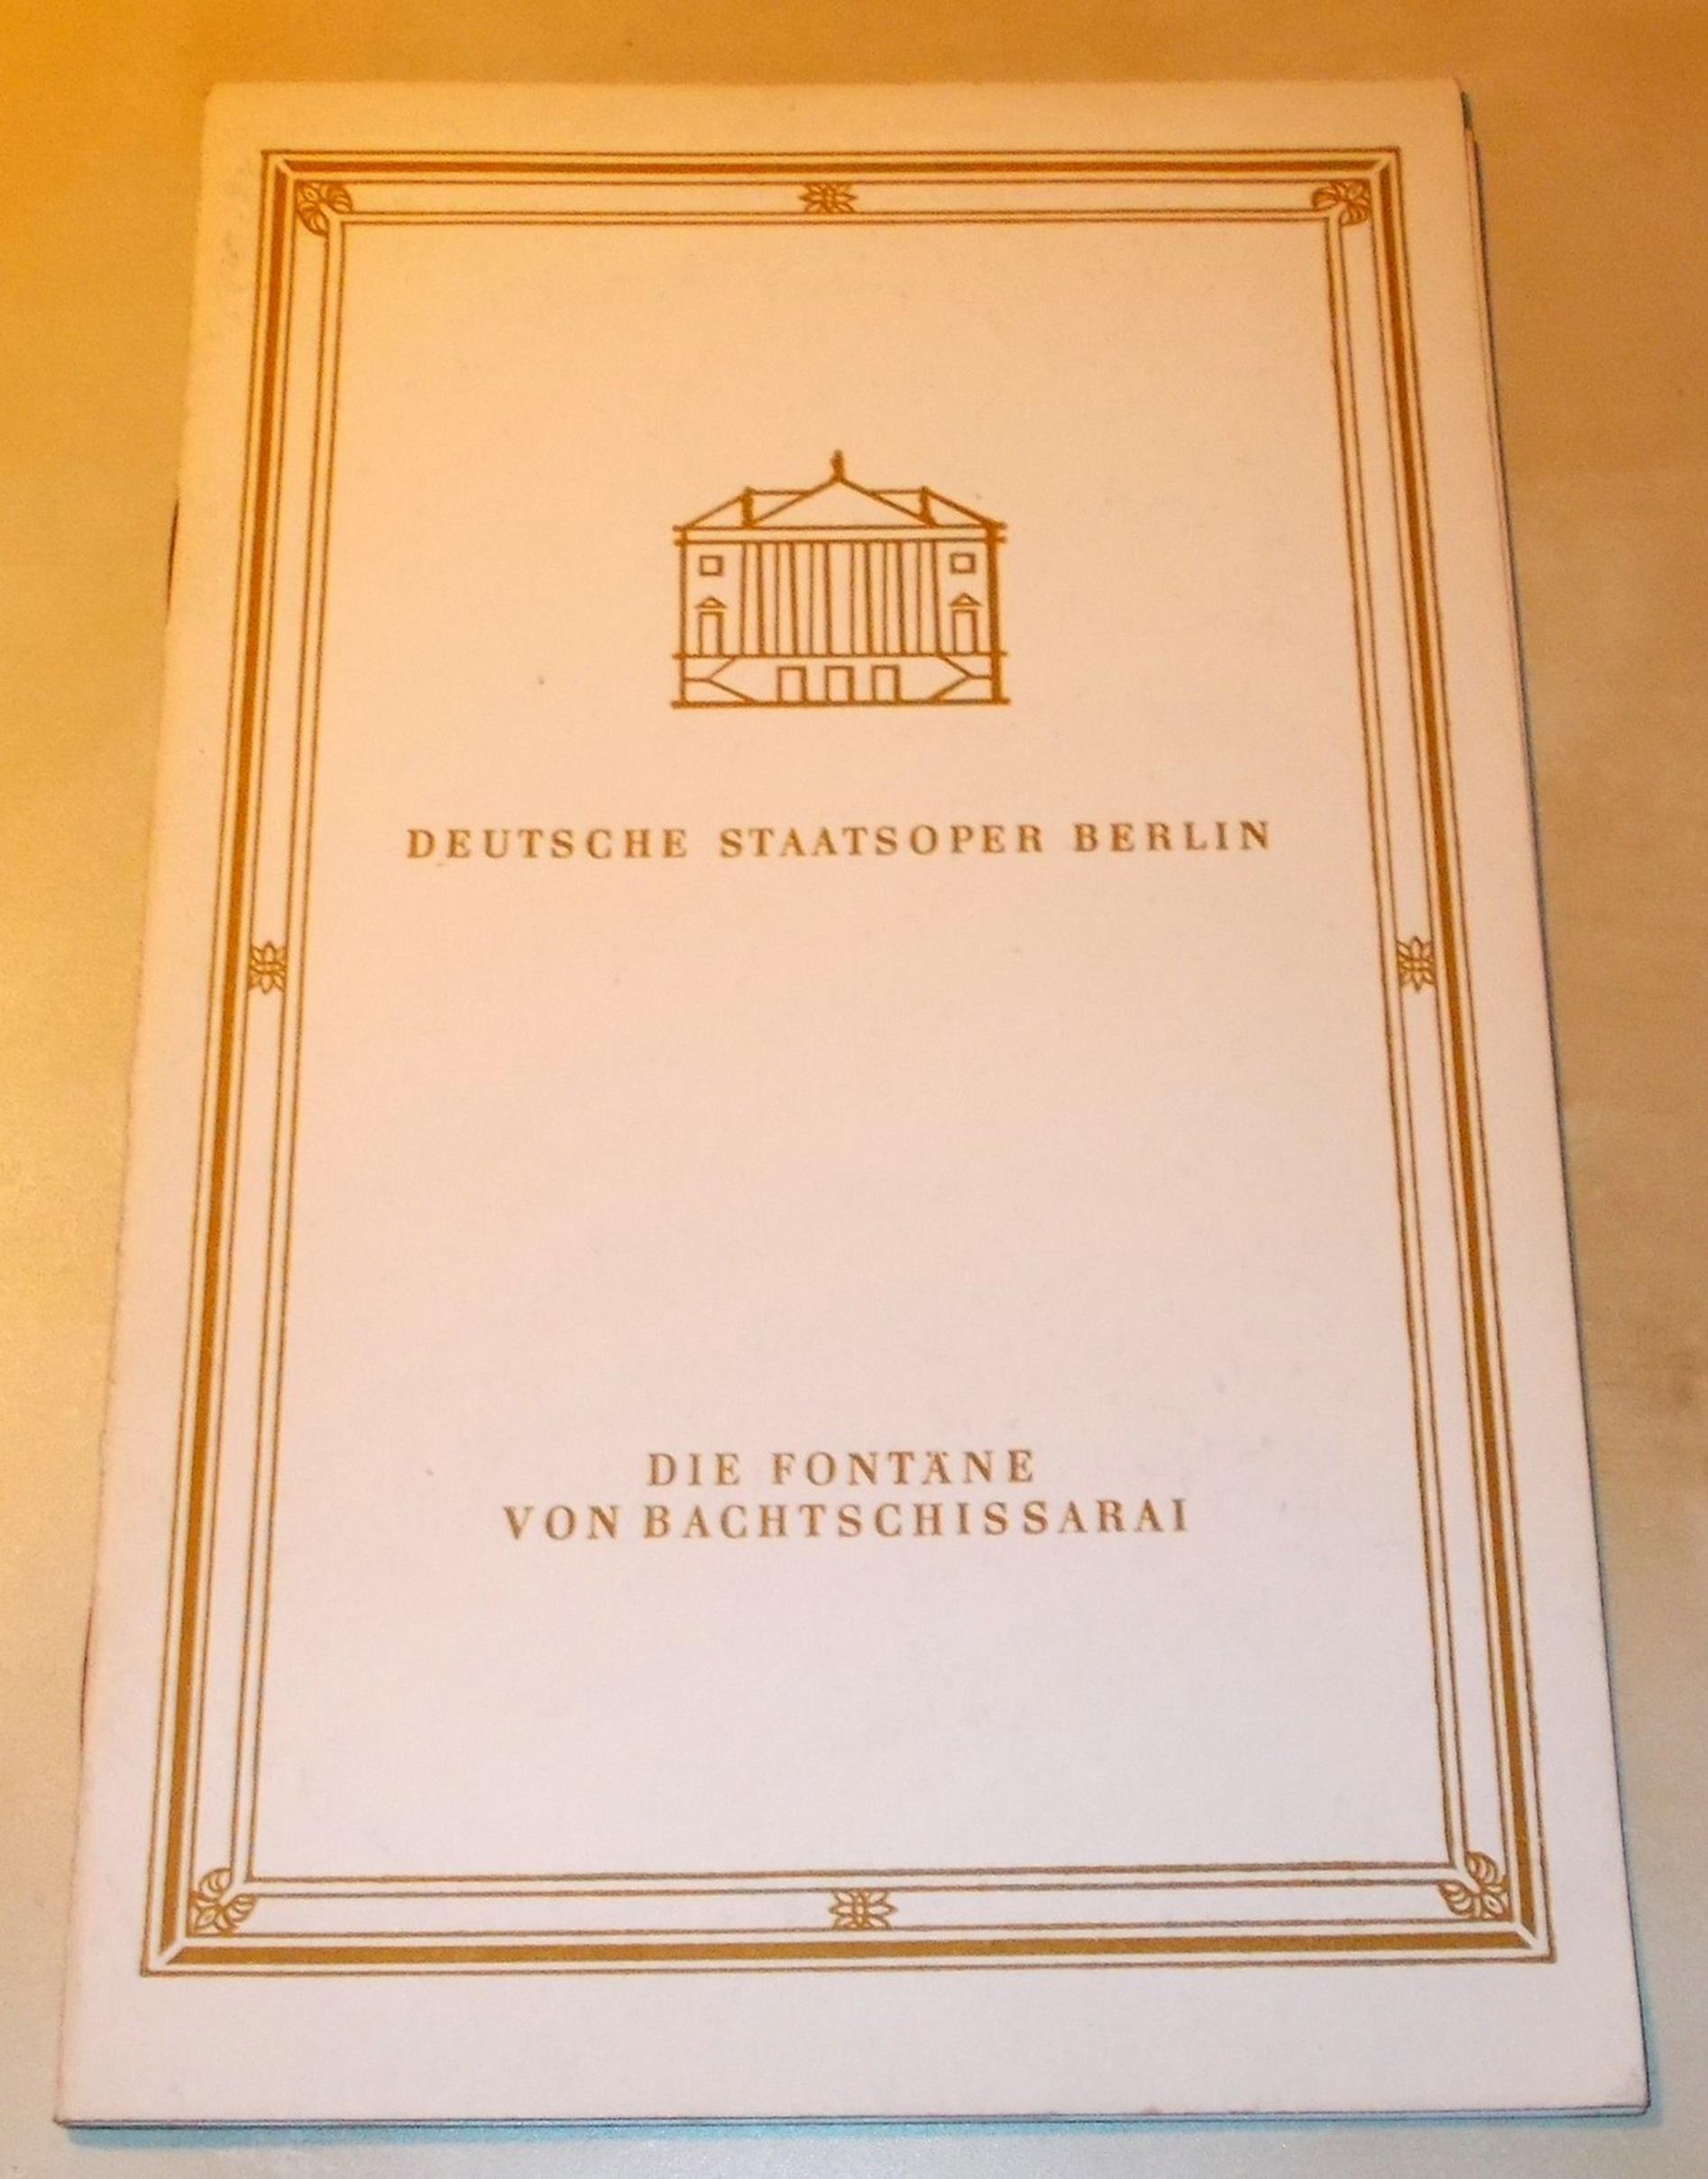 Programmheft Die Fontäne von Bachtschissarai. Deutsche Staatsoper Berlin 1970